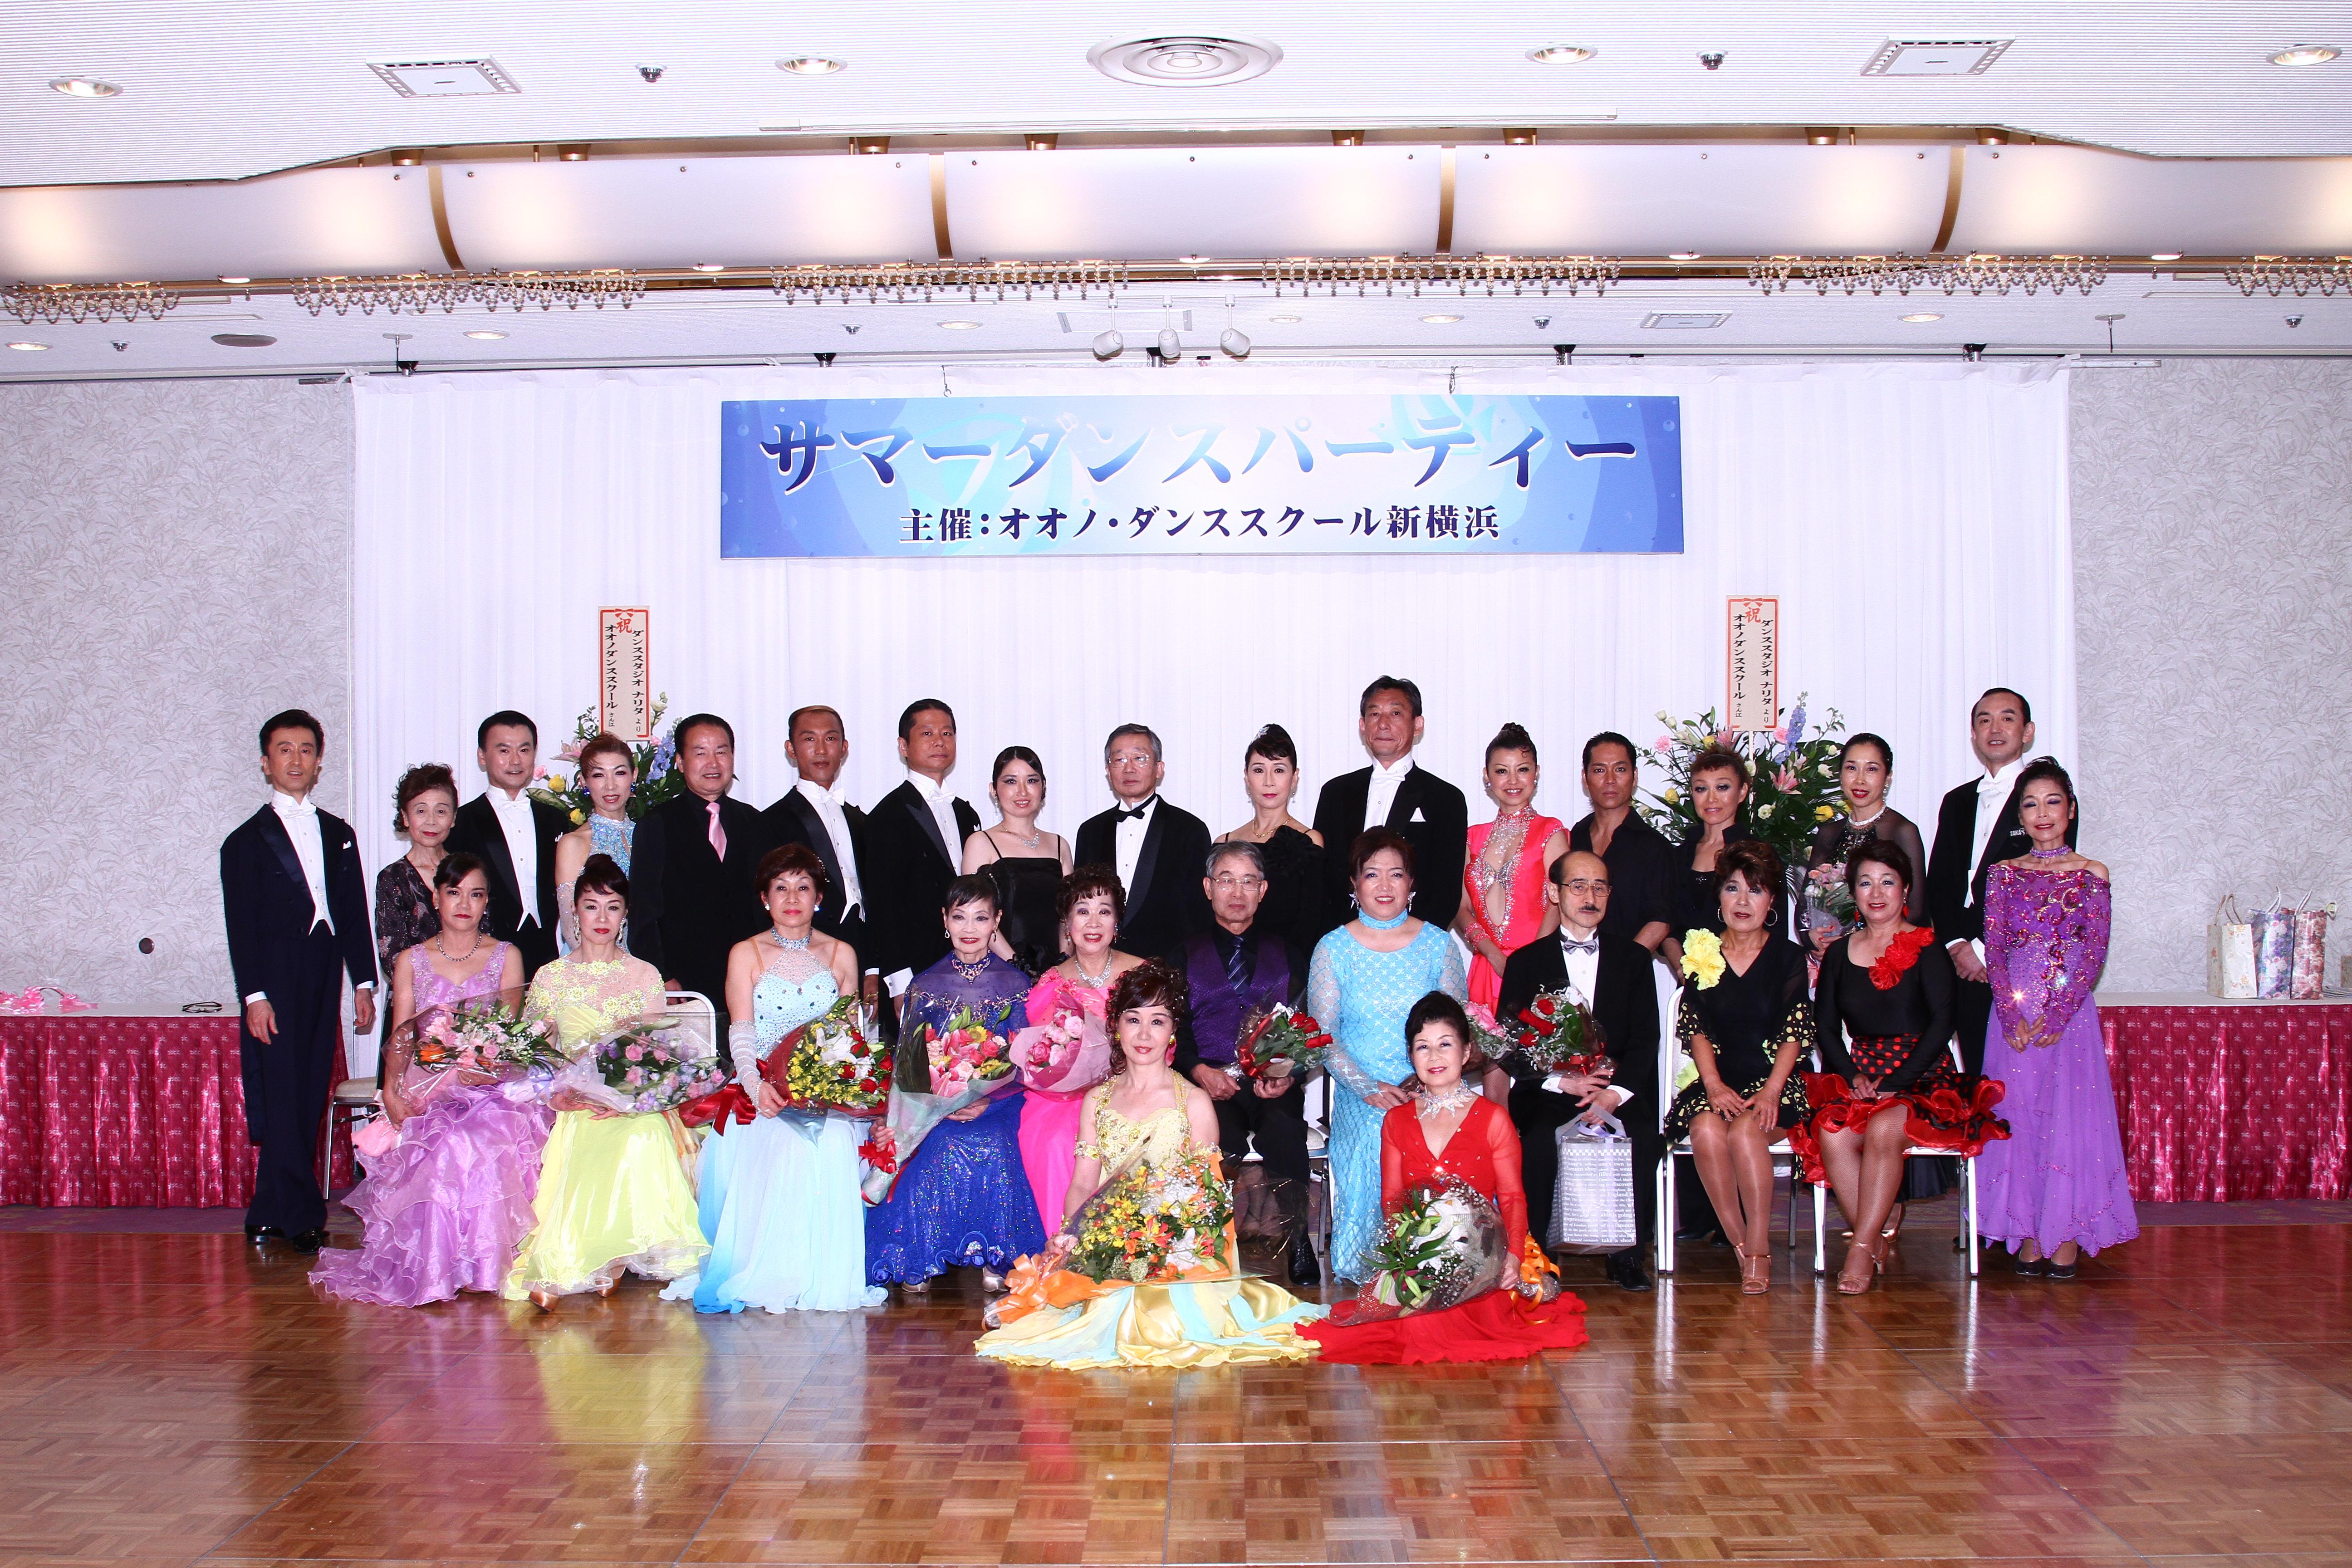 2011年9月25日 オオノ・ダンススクール新横浜  開設11周年夏のパーティー                          川崎